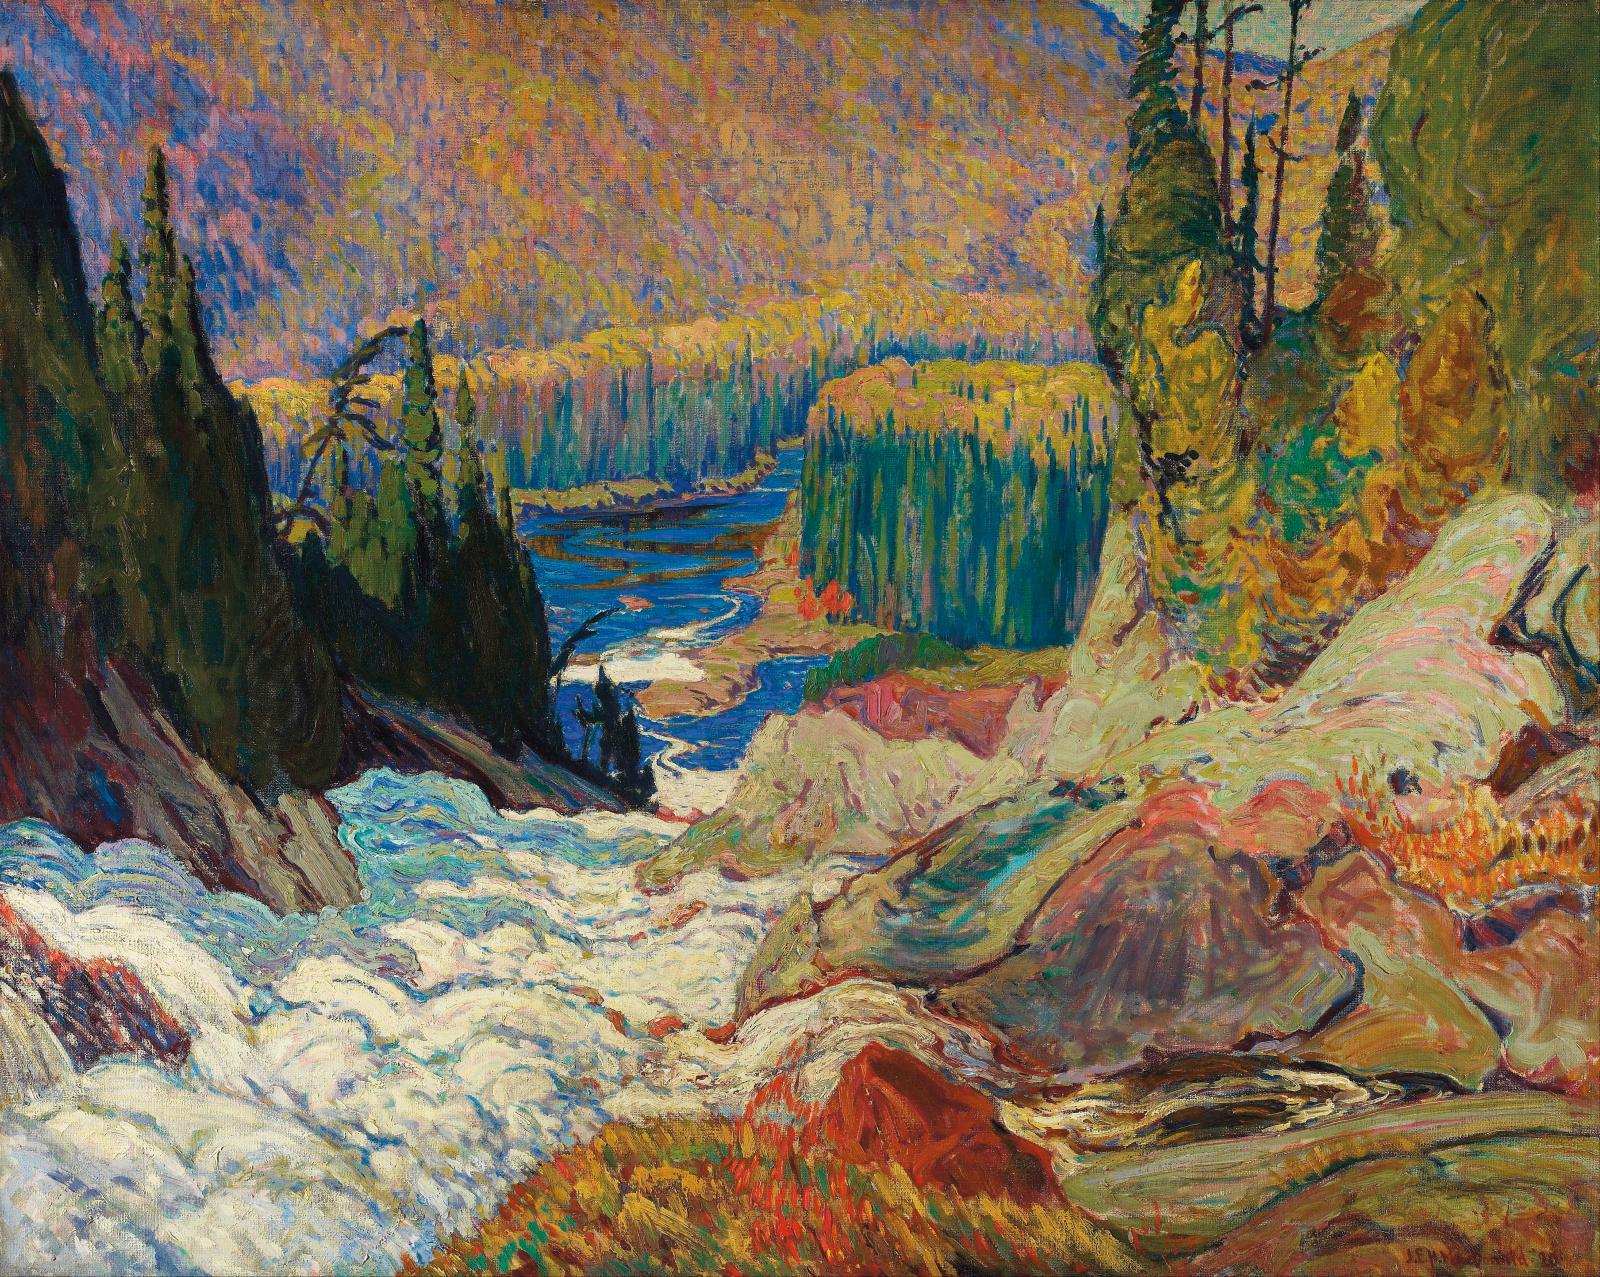 J.E.H.MacDonald, Falls, Montreal River, 1920, huile sur toile, musée des beaux-arts de l'Ontario.